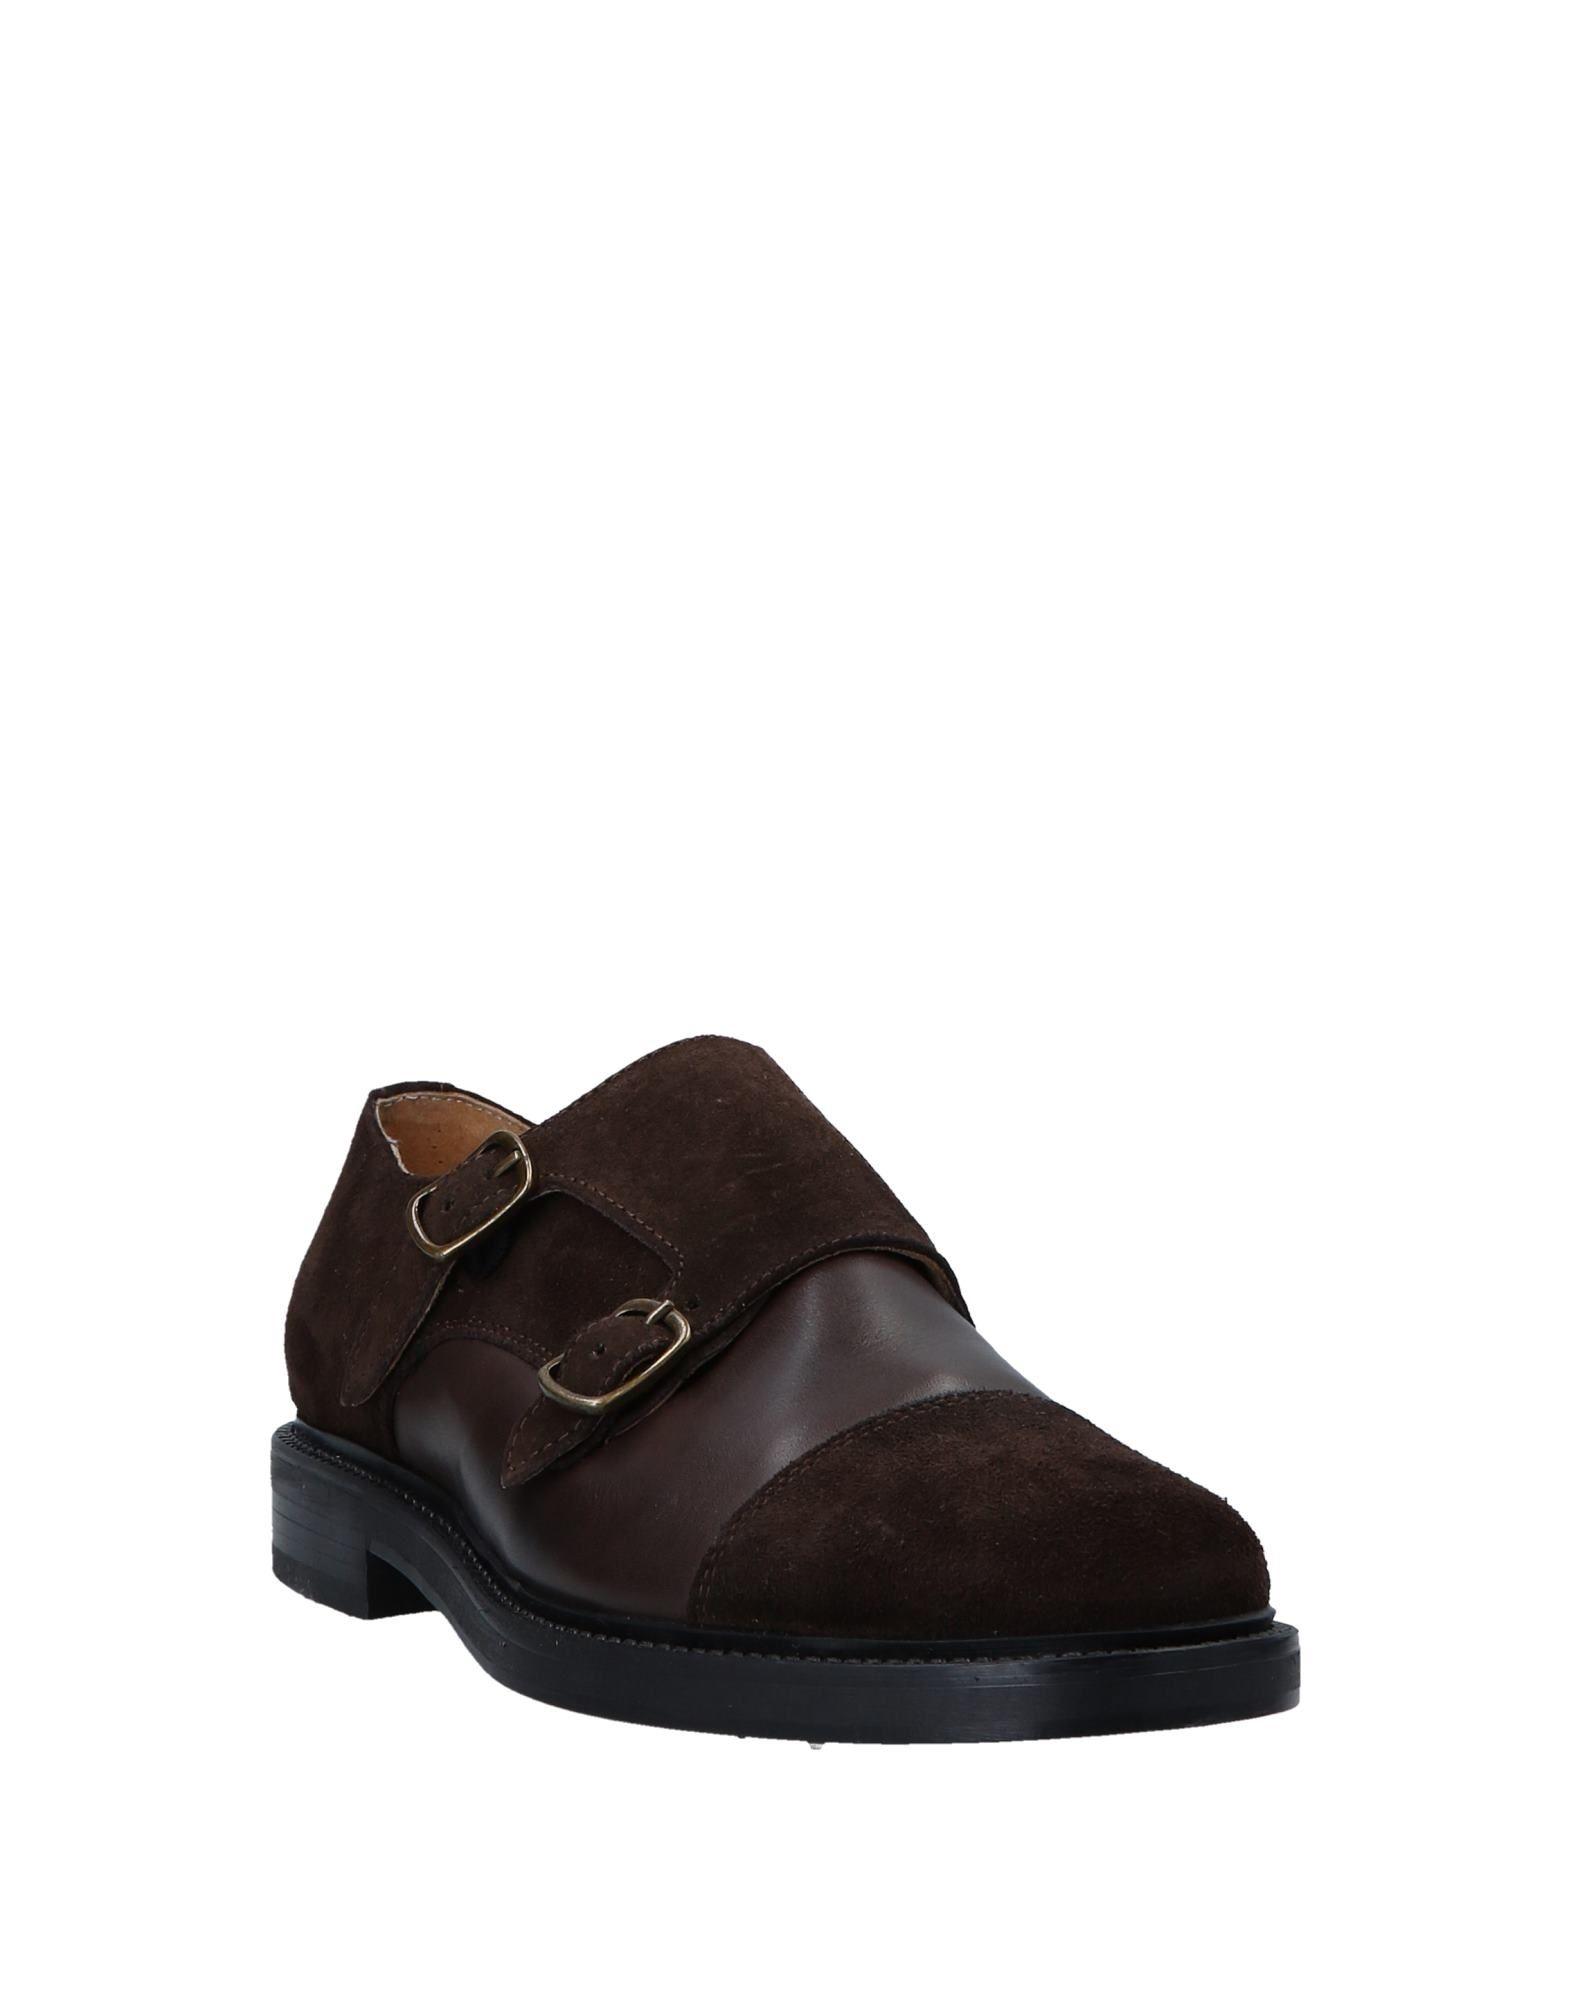 Rabatt echte Schuhe Eleven Mokassins  Herren  Mokassins 11549187XC 3e3c08